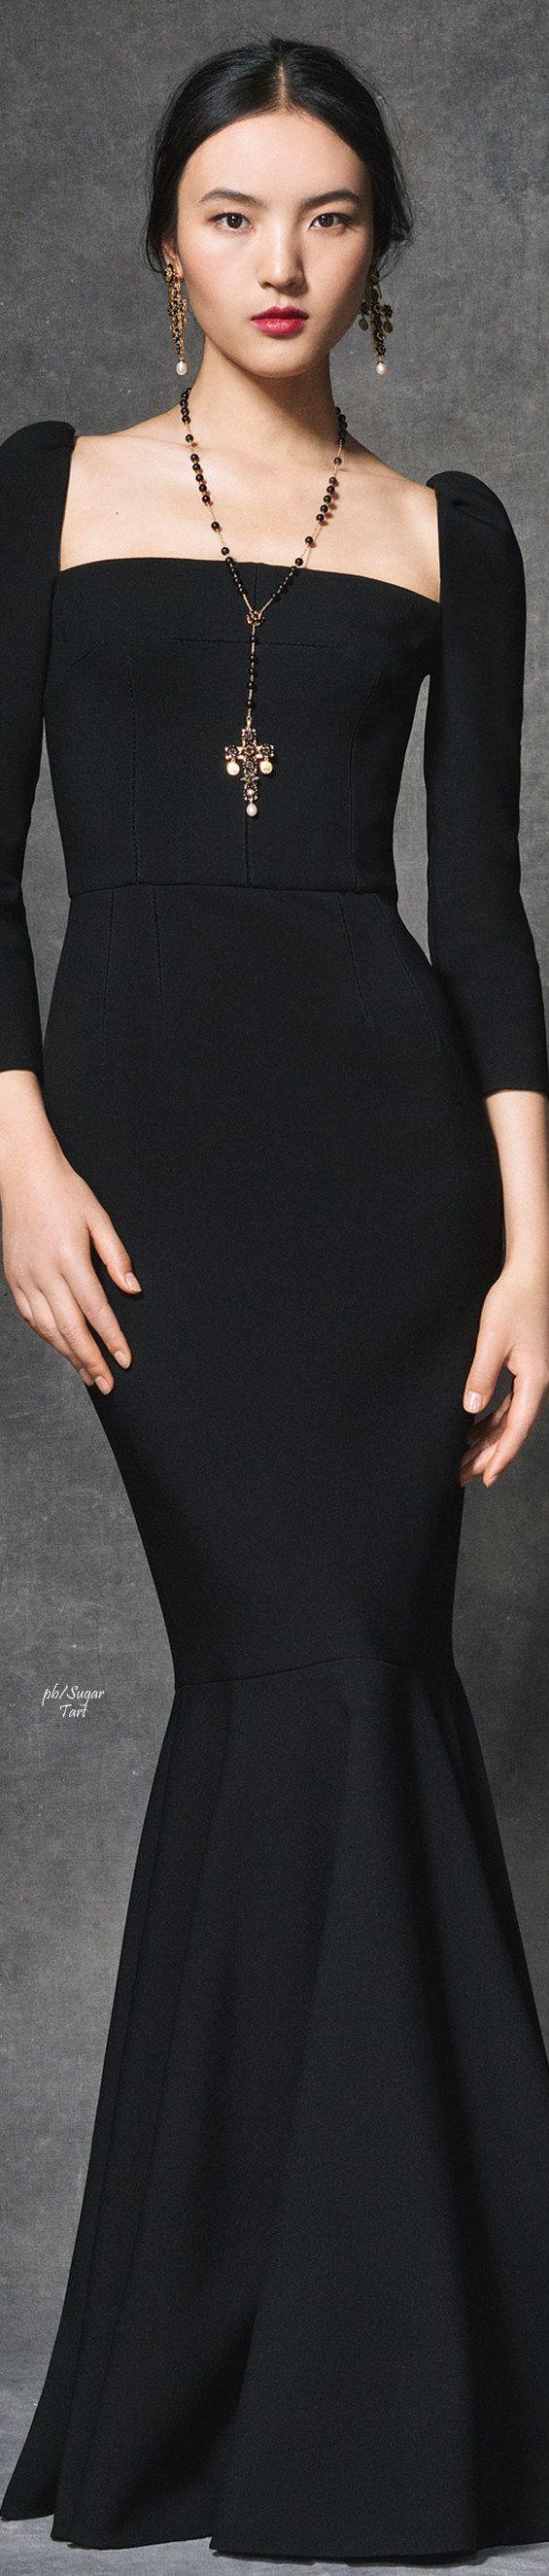 Dolce & Gabbana Winter 2016-17